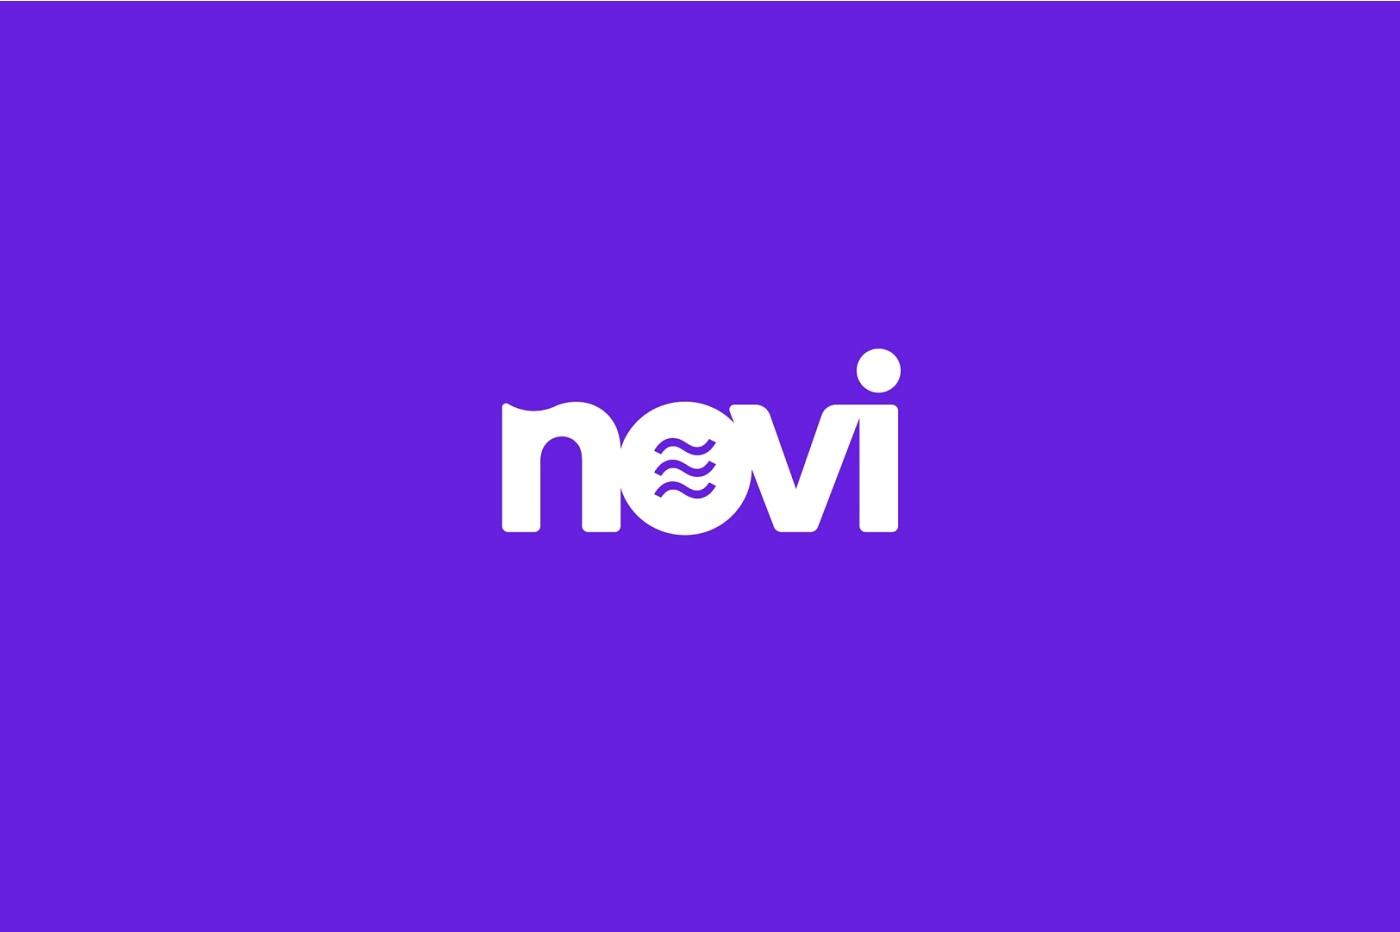 Le portefeuille de cryptomonnaie de Facebook ne s'appellera finalement pas Calibra, mais Novi